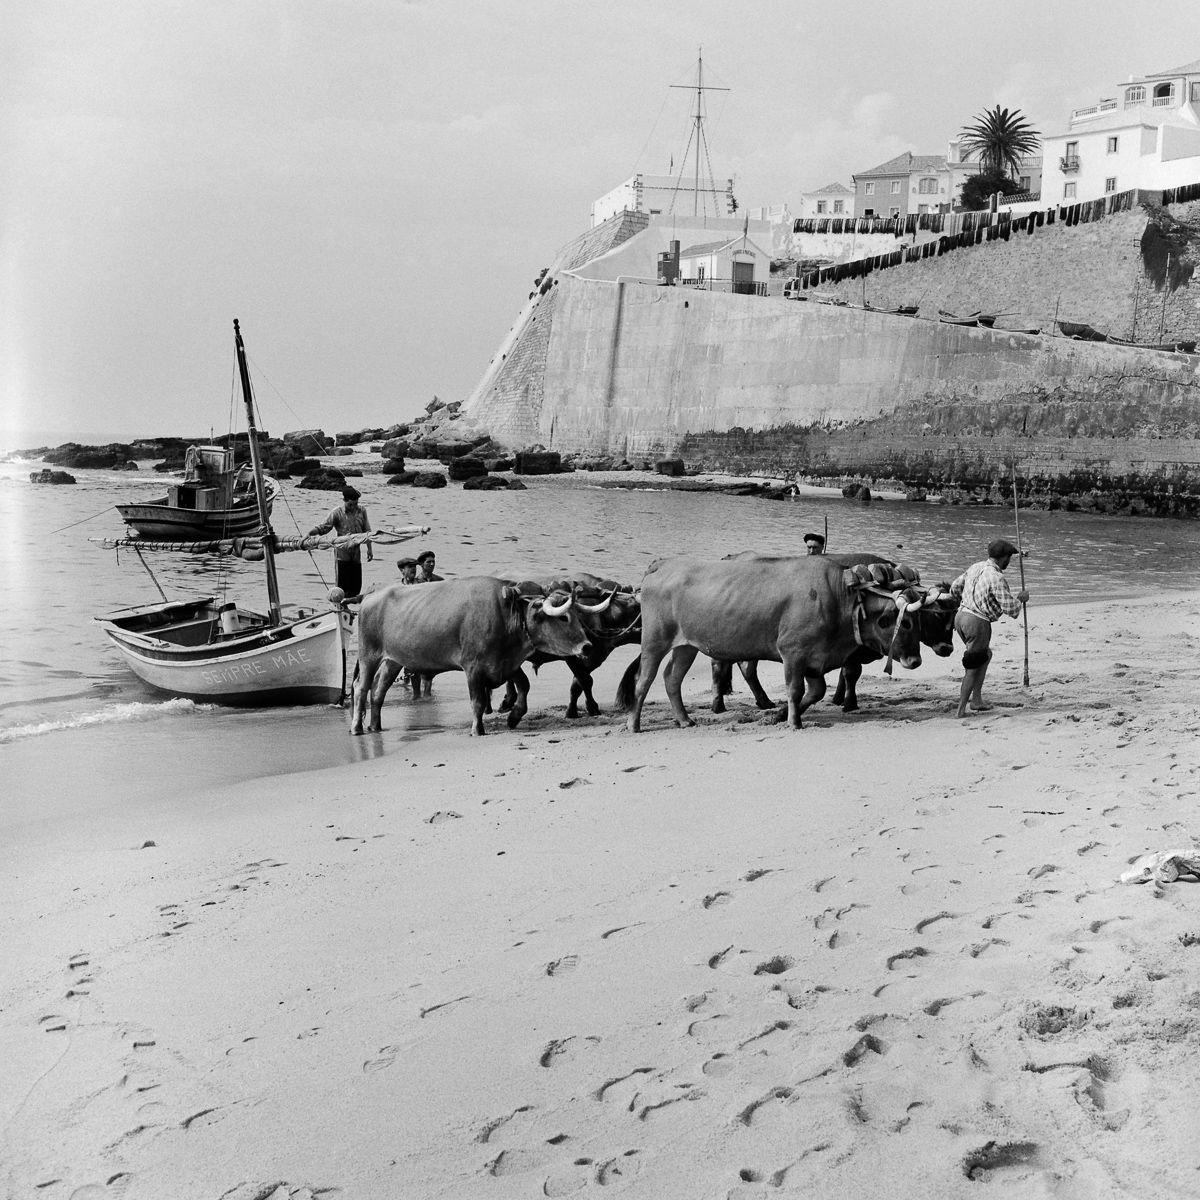 Fotografias deslumbrantes capturam a cultura da pesca dos anos 50 em Portugal 20